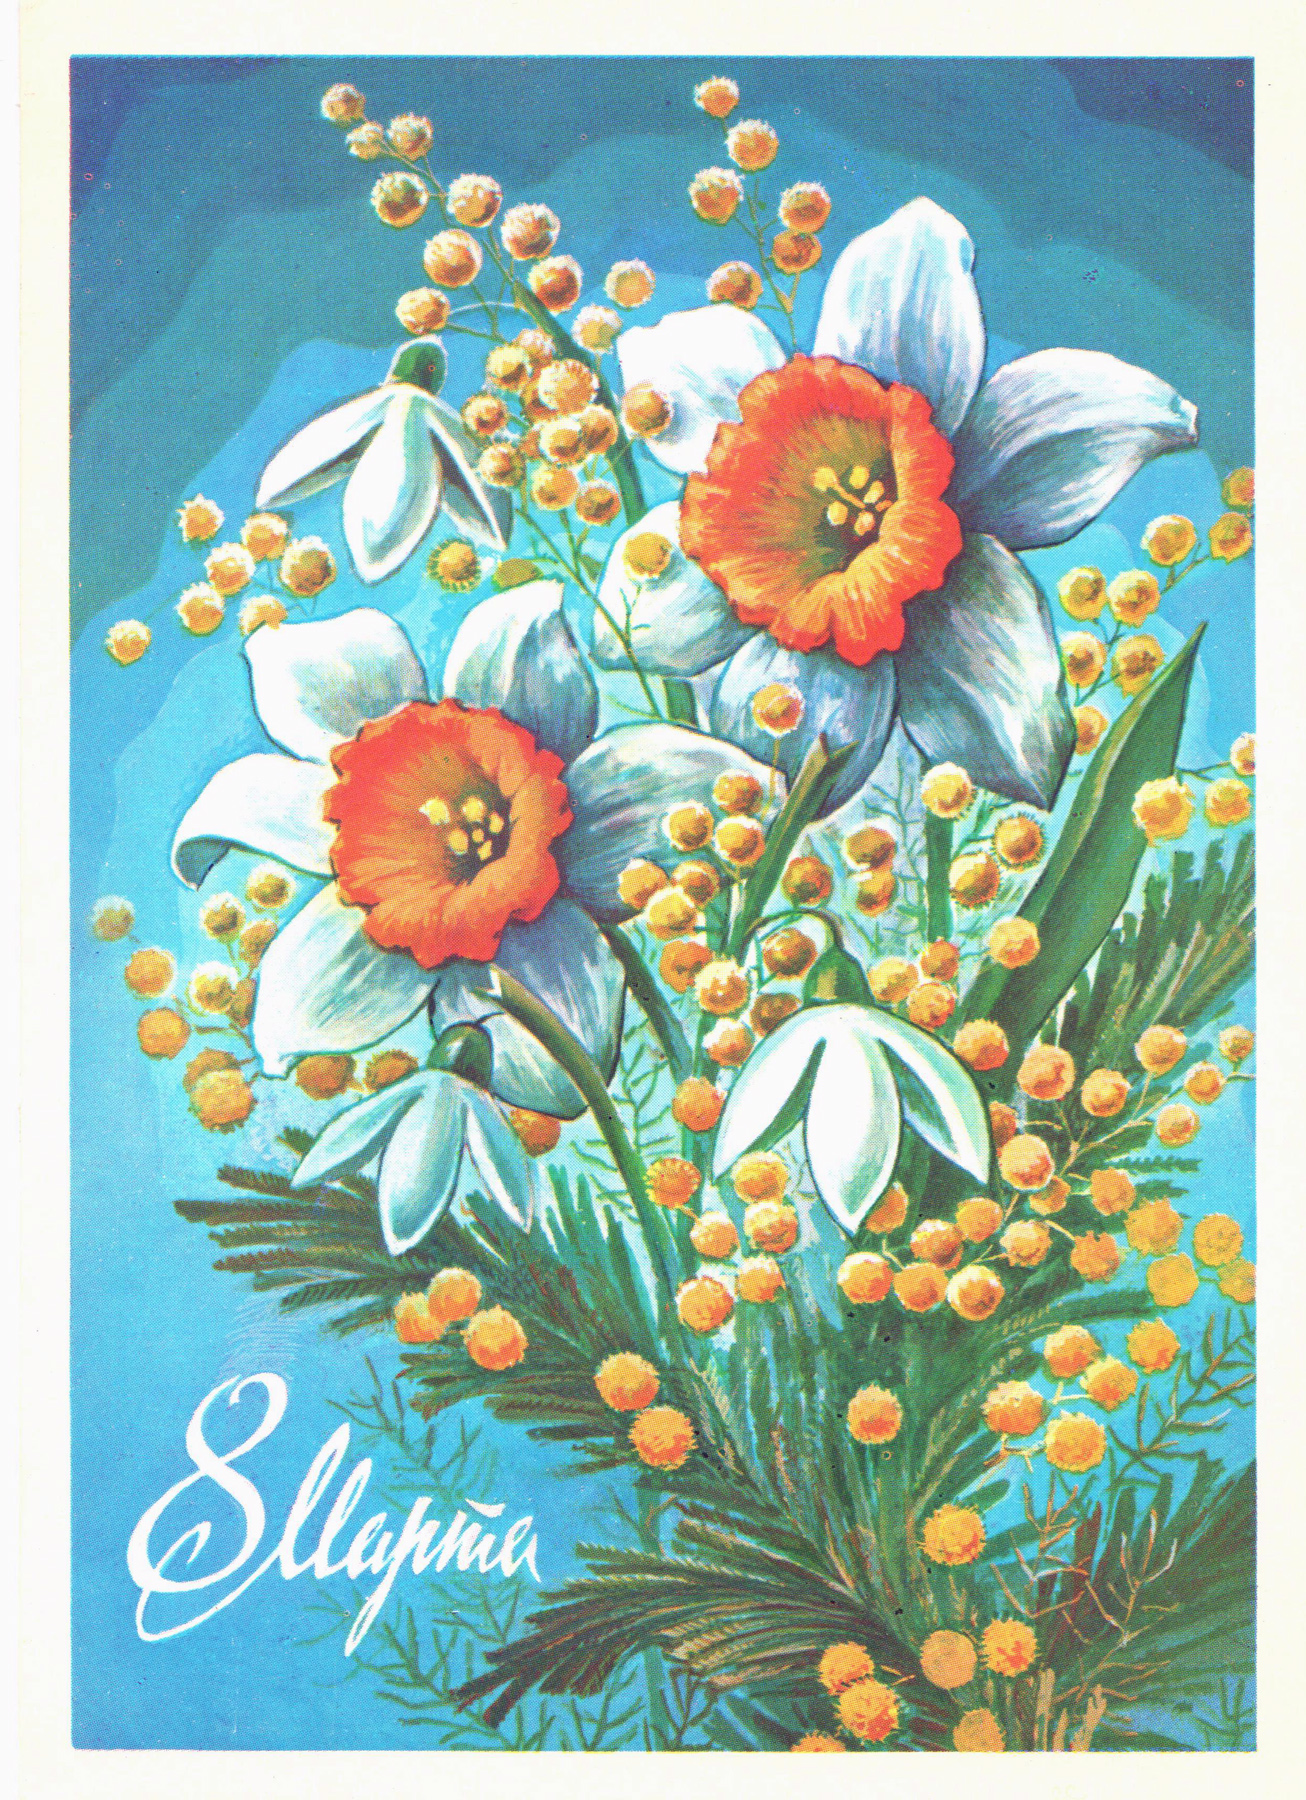 открытки 80 годов: